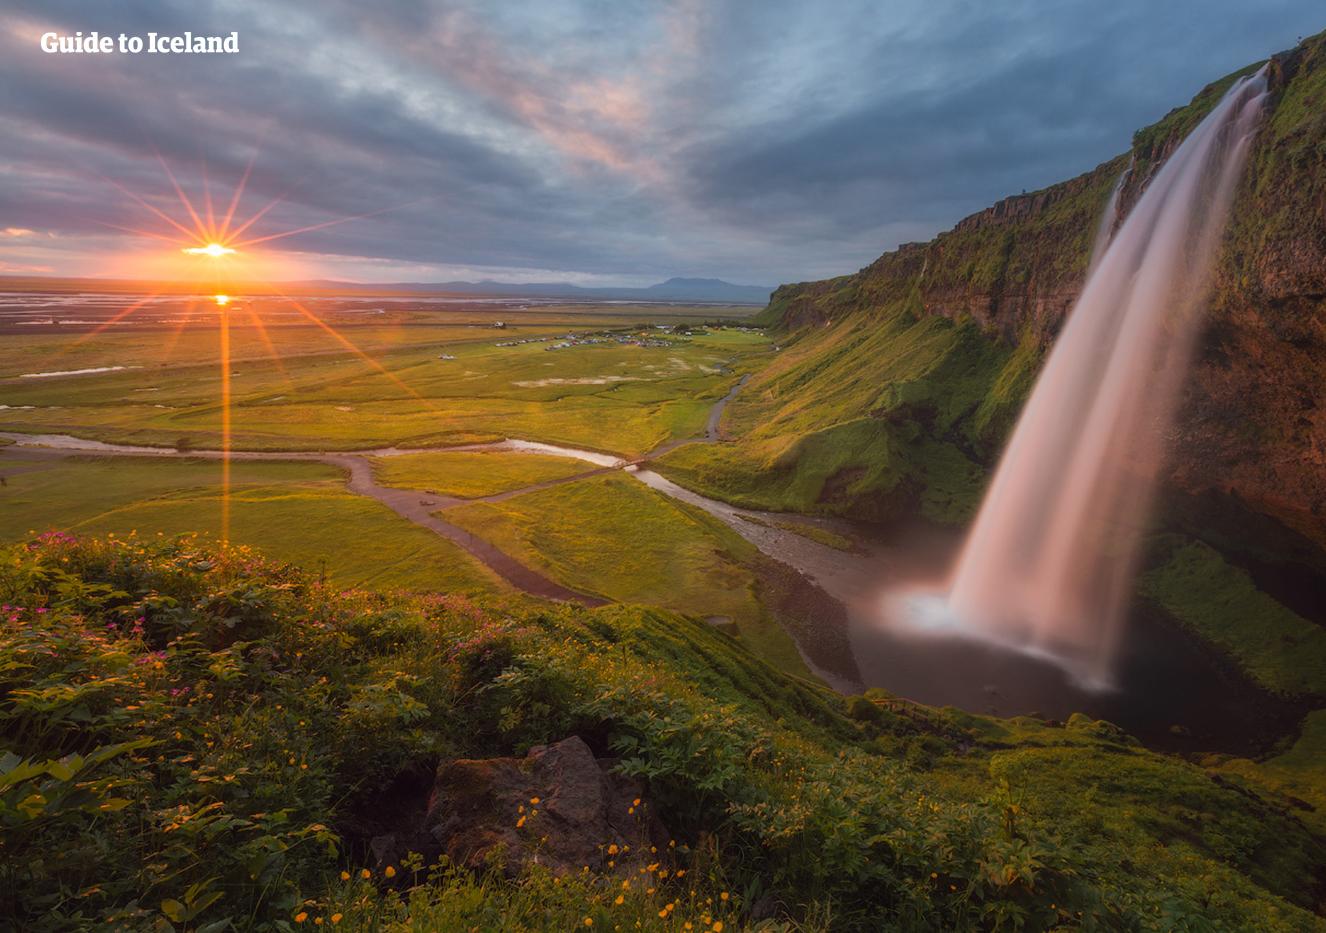 冰岛最受欢迎的杰古沙龙冰河湖景点